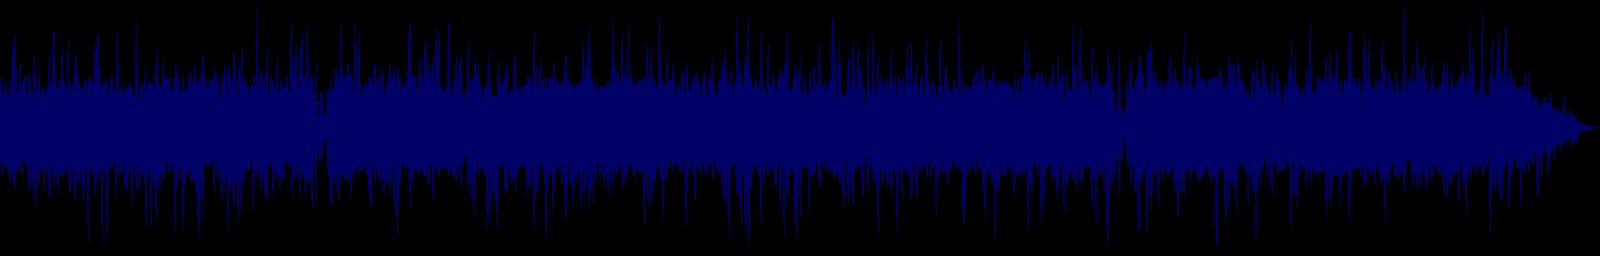 waveform of track #136148